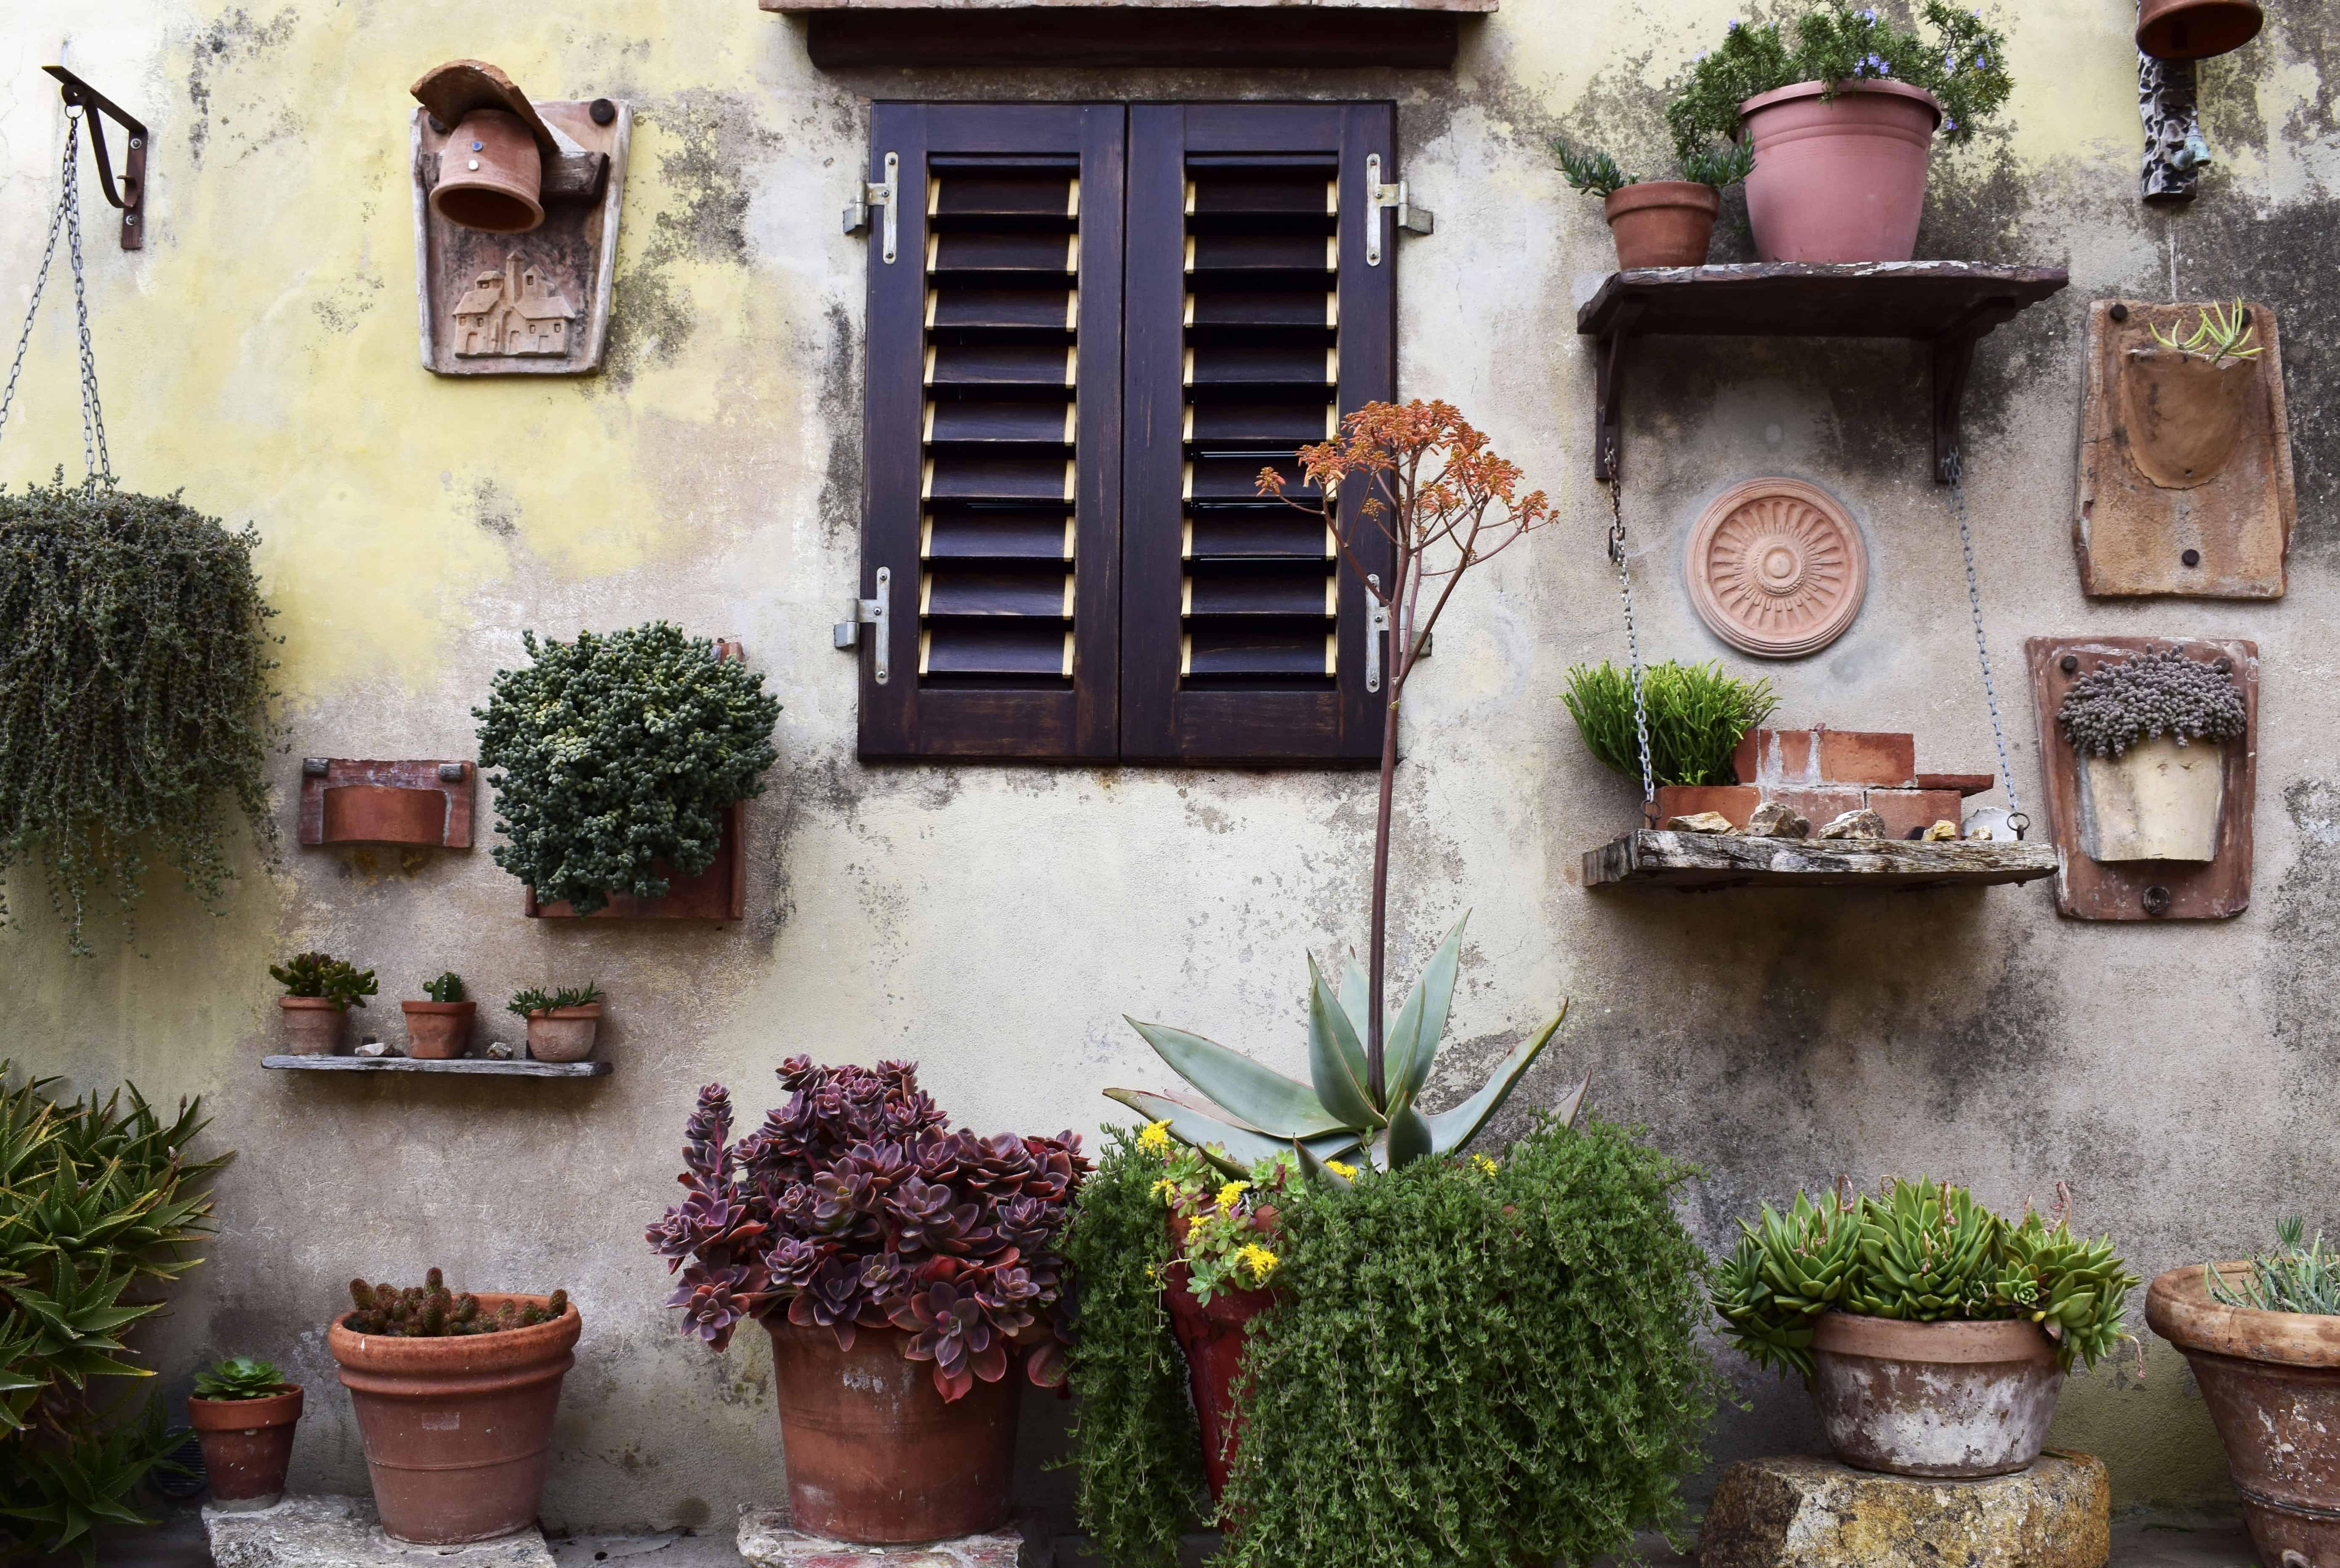 kostenlose bild: außen, architektur, wand, fenster, haus, blumentopf